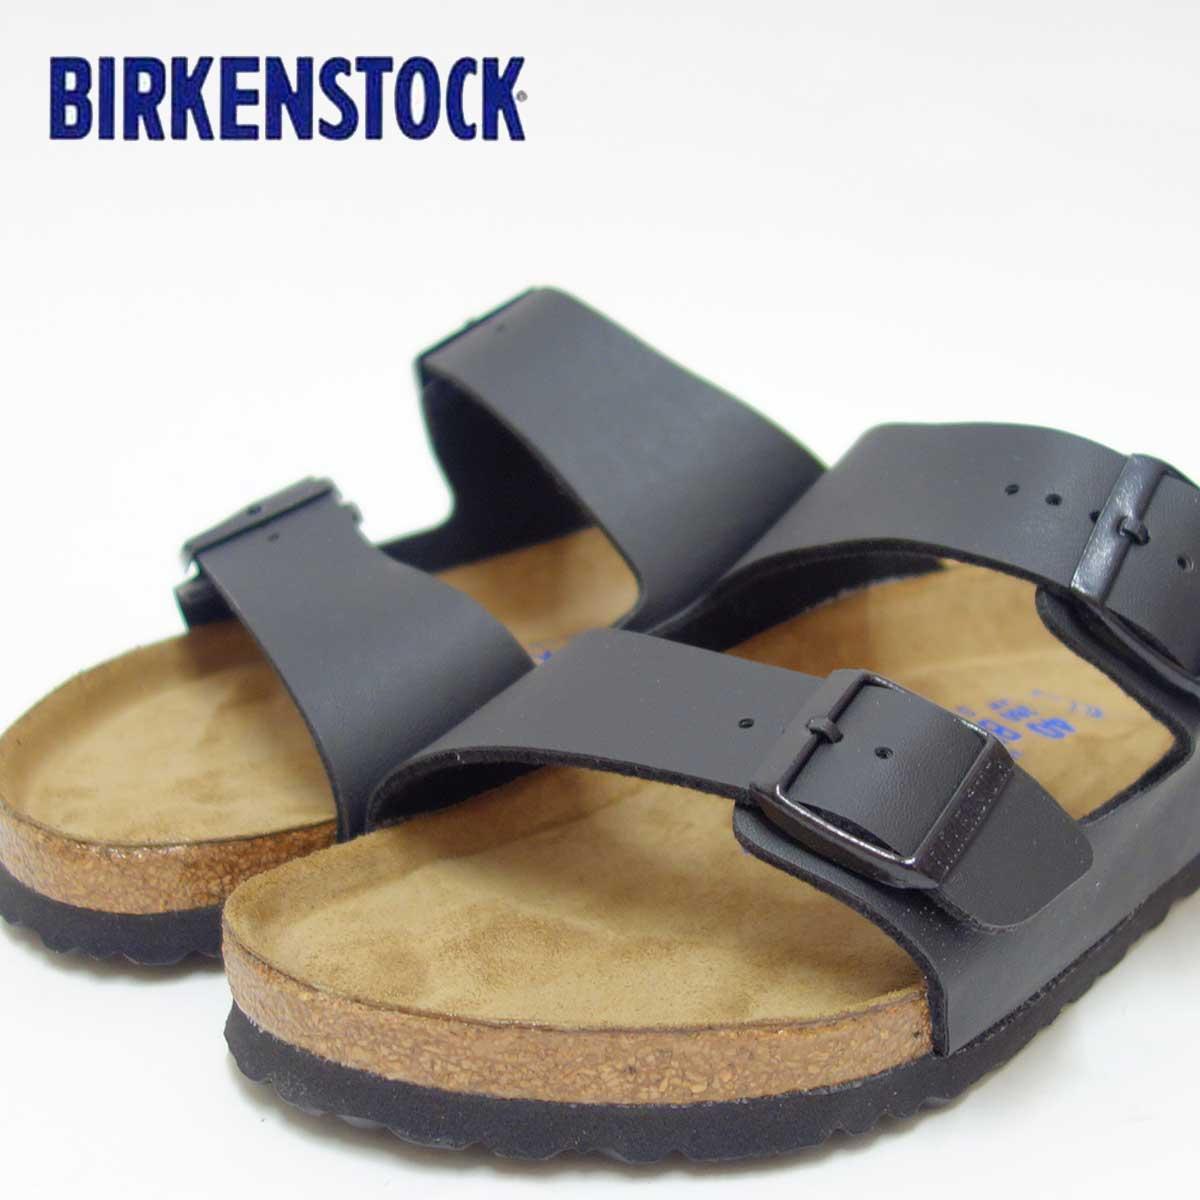 BIRKENSTOCK ビルケンシュトック  Arizona(アリゾナ) 551251 ブラック(メンズ)「正規品」ソフトクッションインソールで優しくフィット「靴」